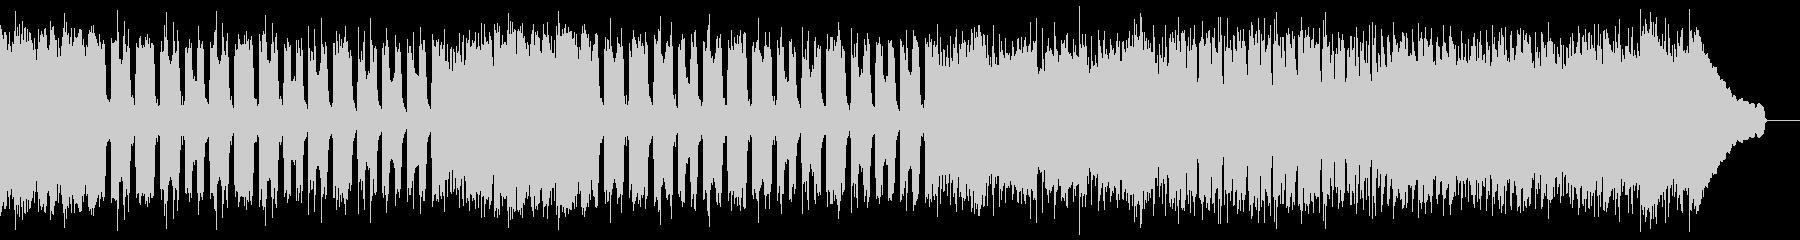 カントリー風ロックギター01Jの未再生の波形